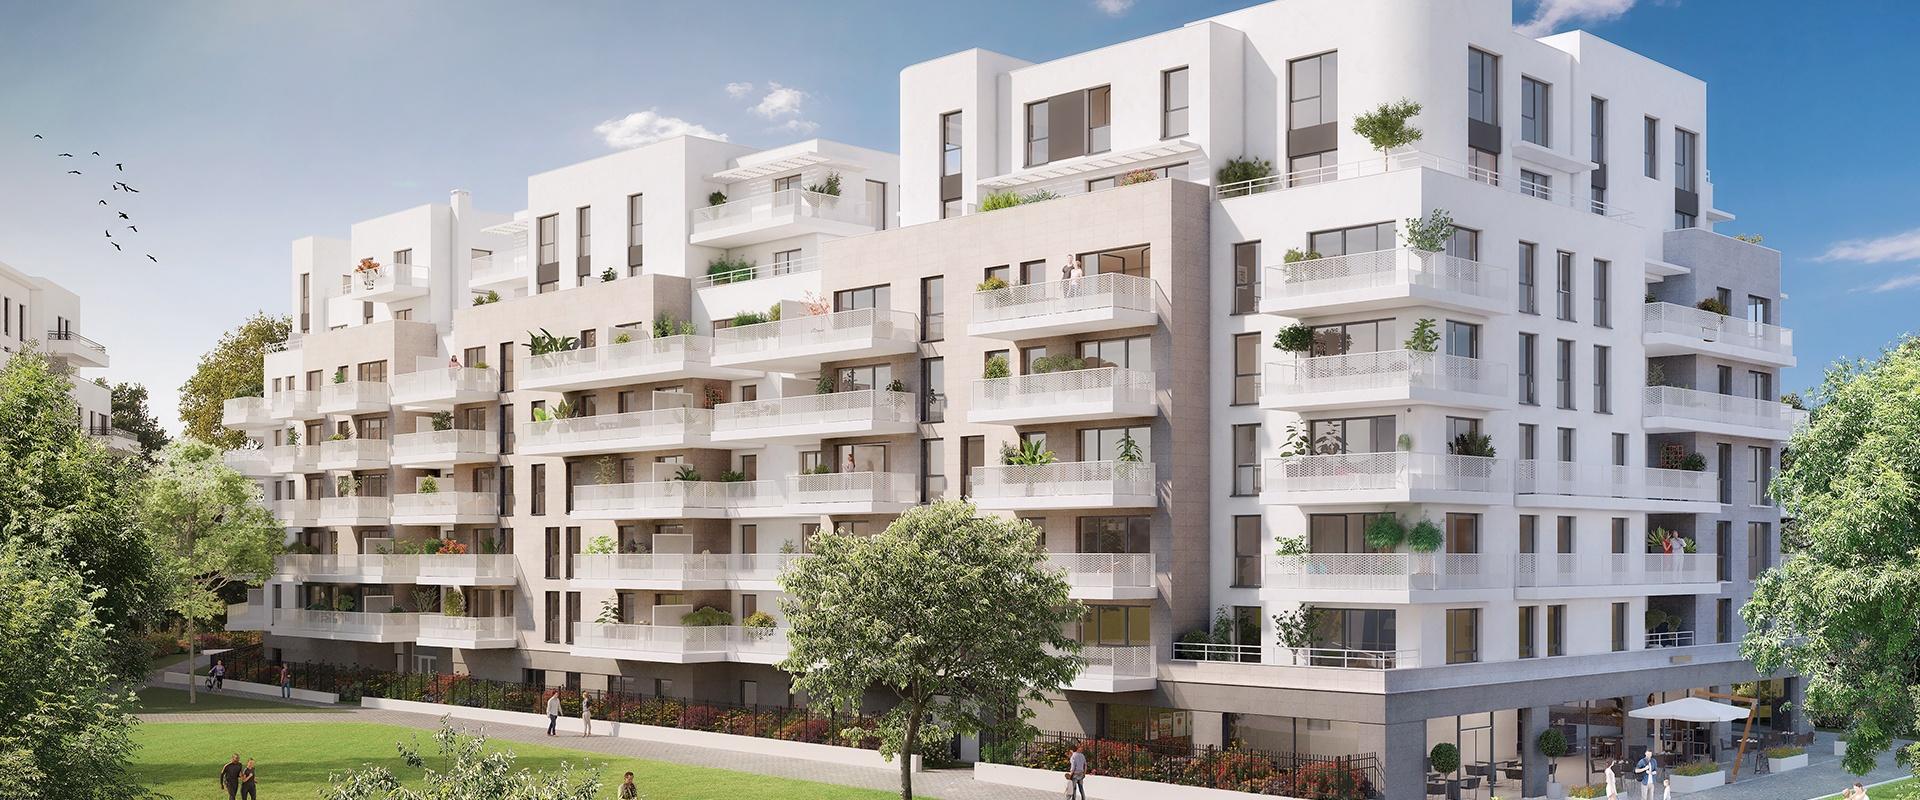 COLOMBES (92) – COEUR DE SEINE / Phase 2 – Livraison : Décembre 2022